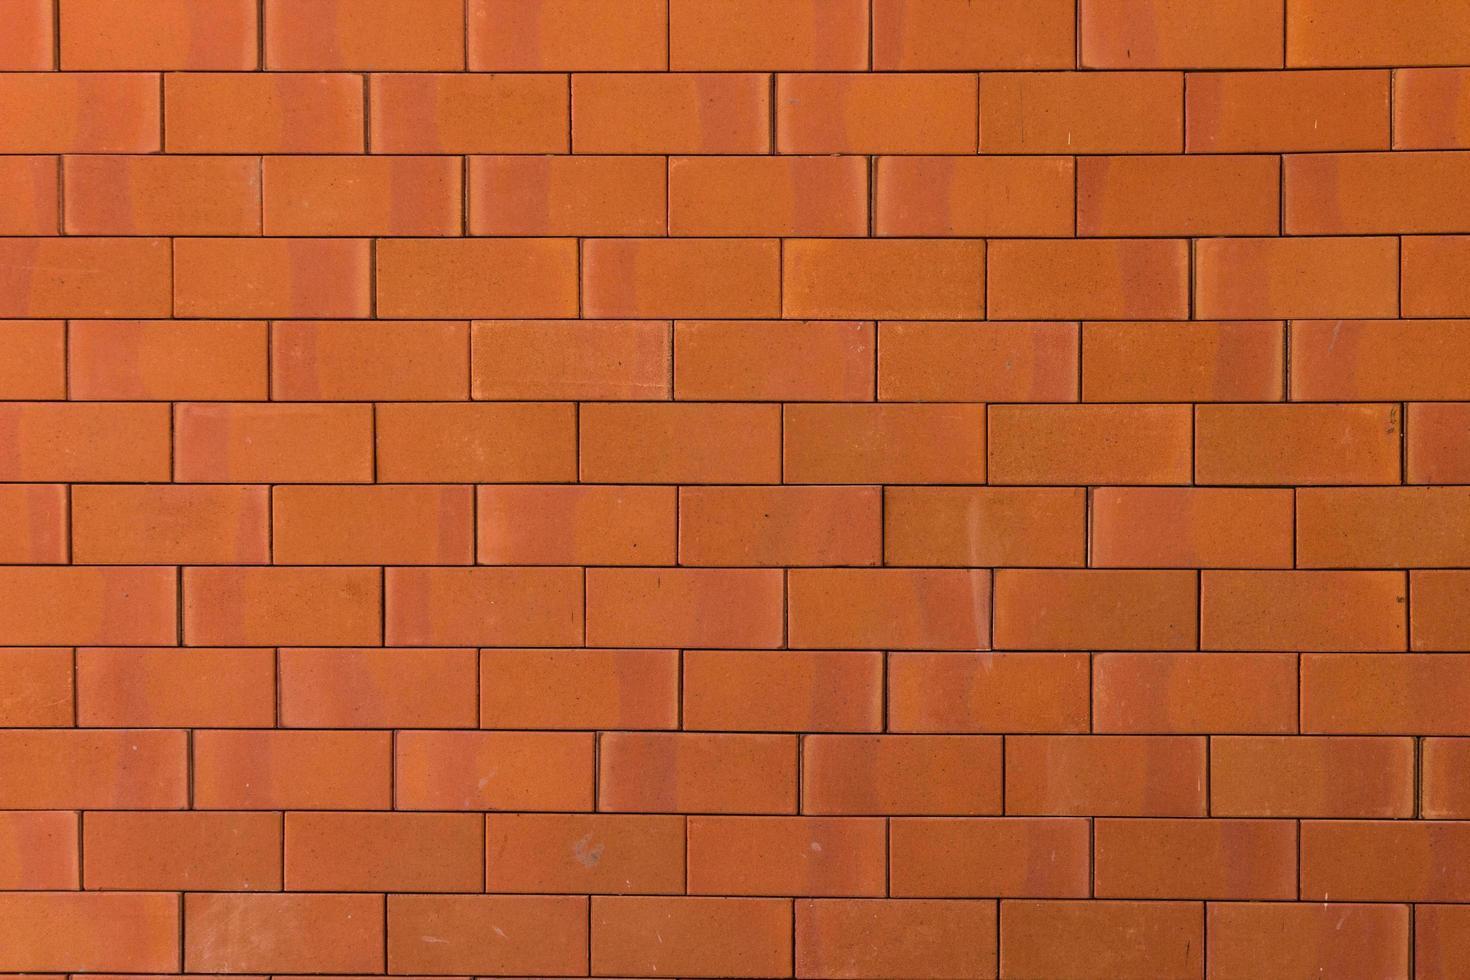 bakstenen muur textuur achtergrond foto